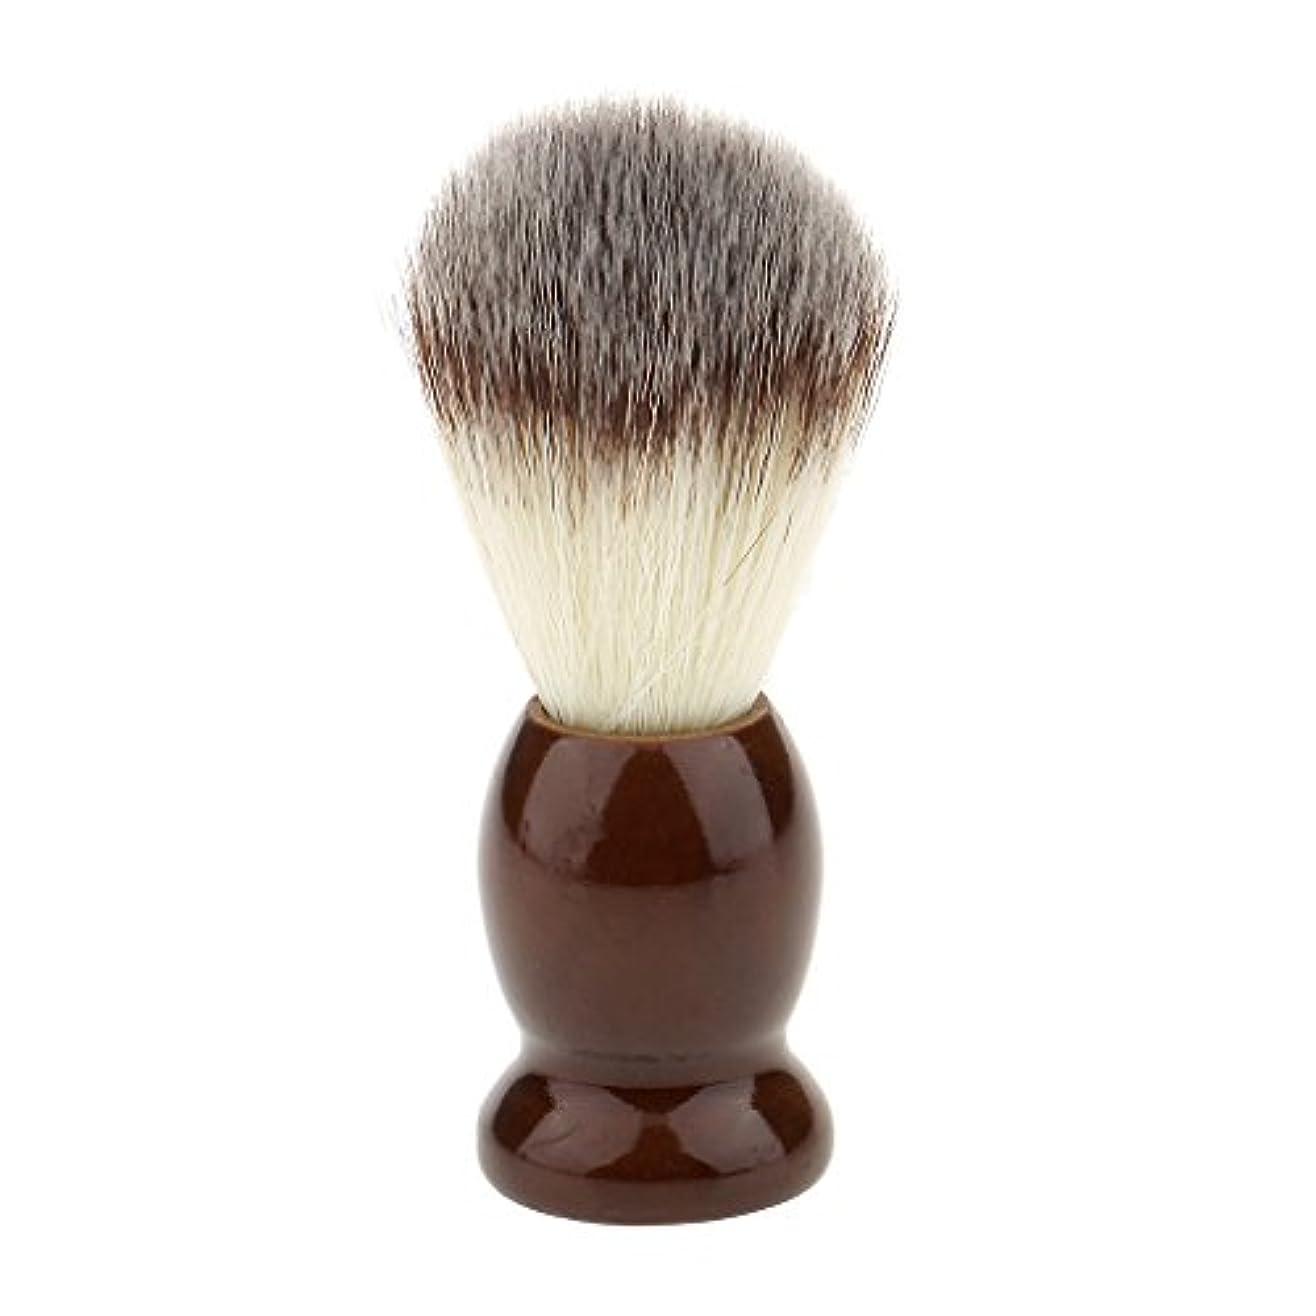 つかまえる助手プレートナイロン製 シェービングブラシ 柔らかい 理容 洗顔 髭剃り 便携 10.5cm ブラウン